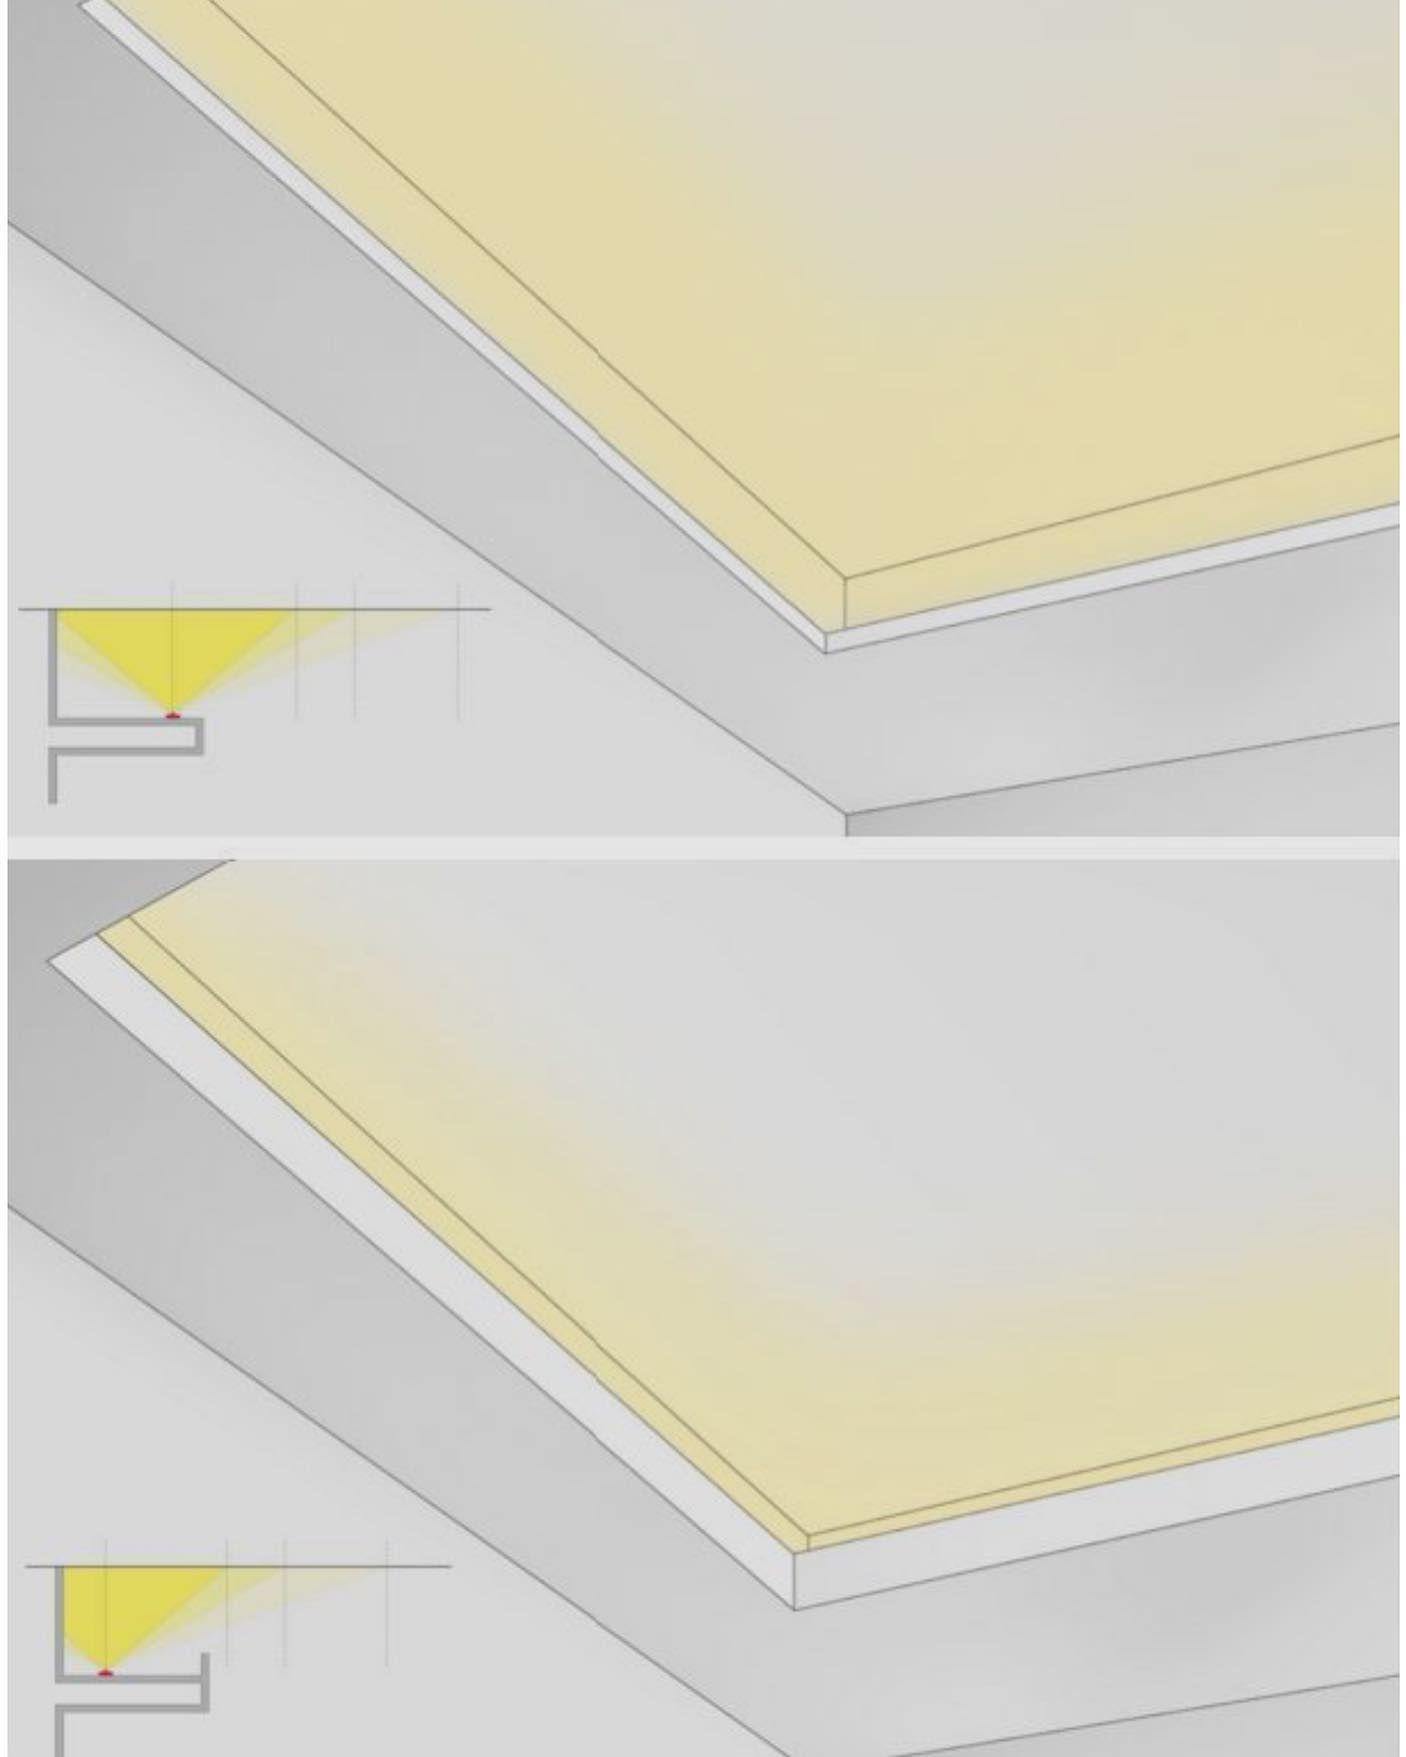 طريقة توزيع الإنارة تعطي انطباع المختلف للمكان مثال السقف لما حبينا الإضاءة تكون حولين السقف ركبنا الإضاءة في بداية الجبس عشان ي Computer Design Computer Mouse